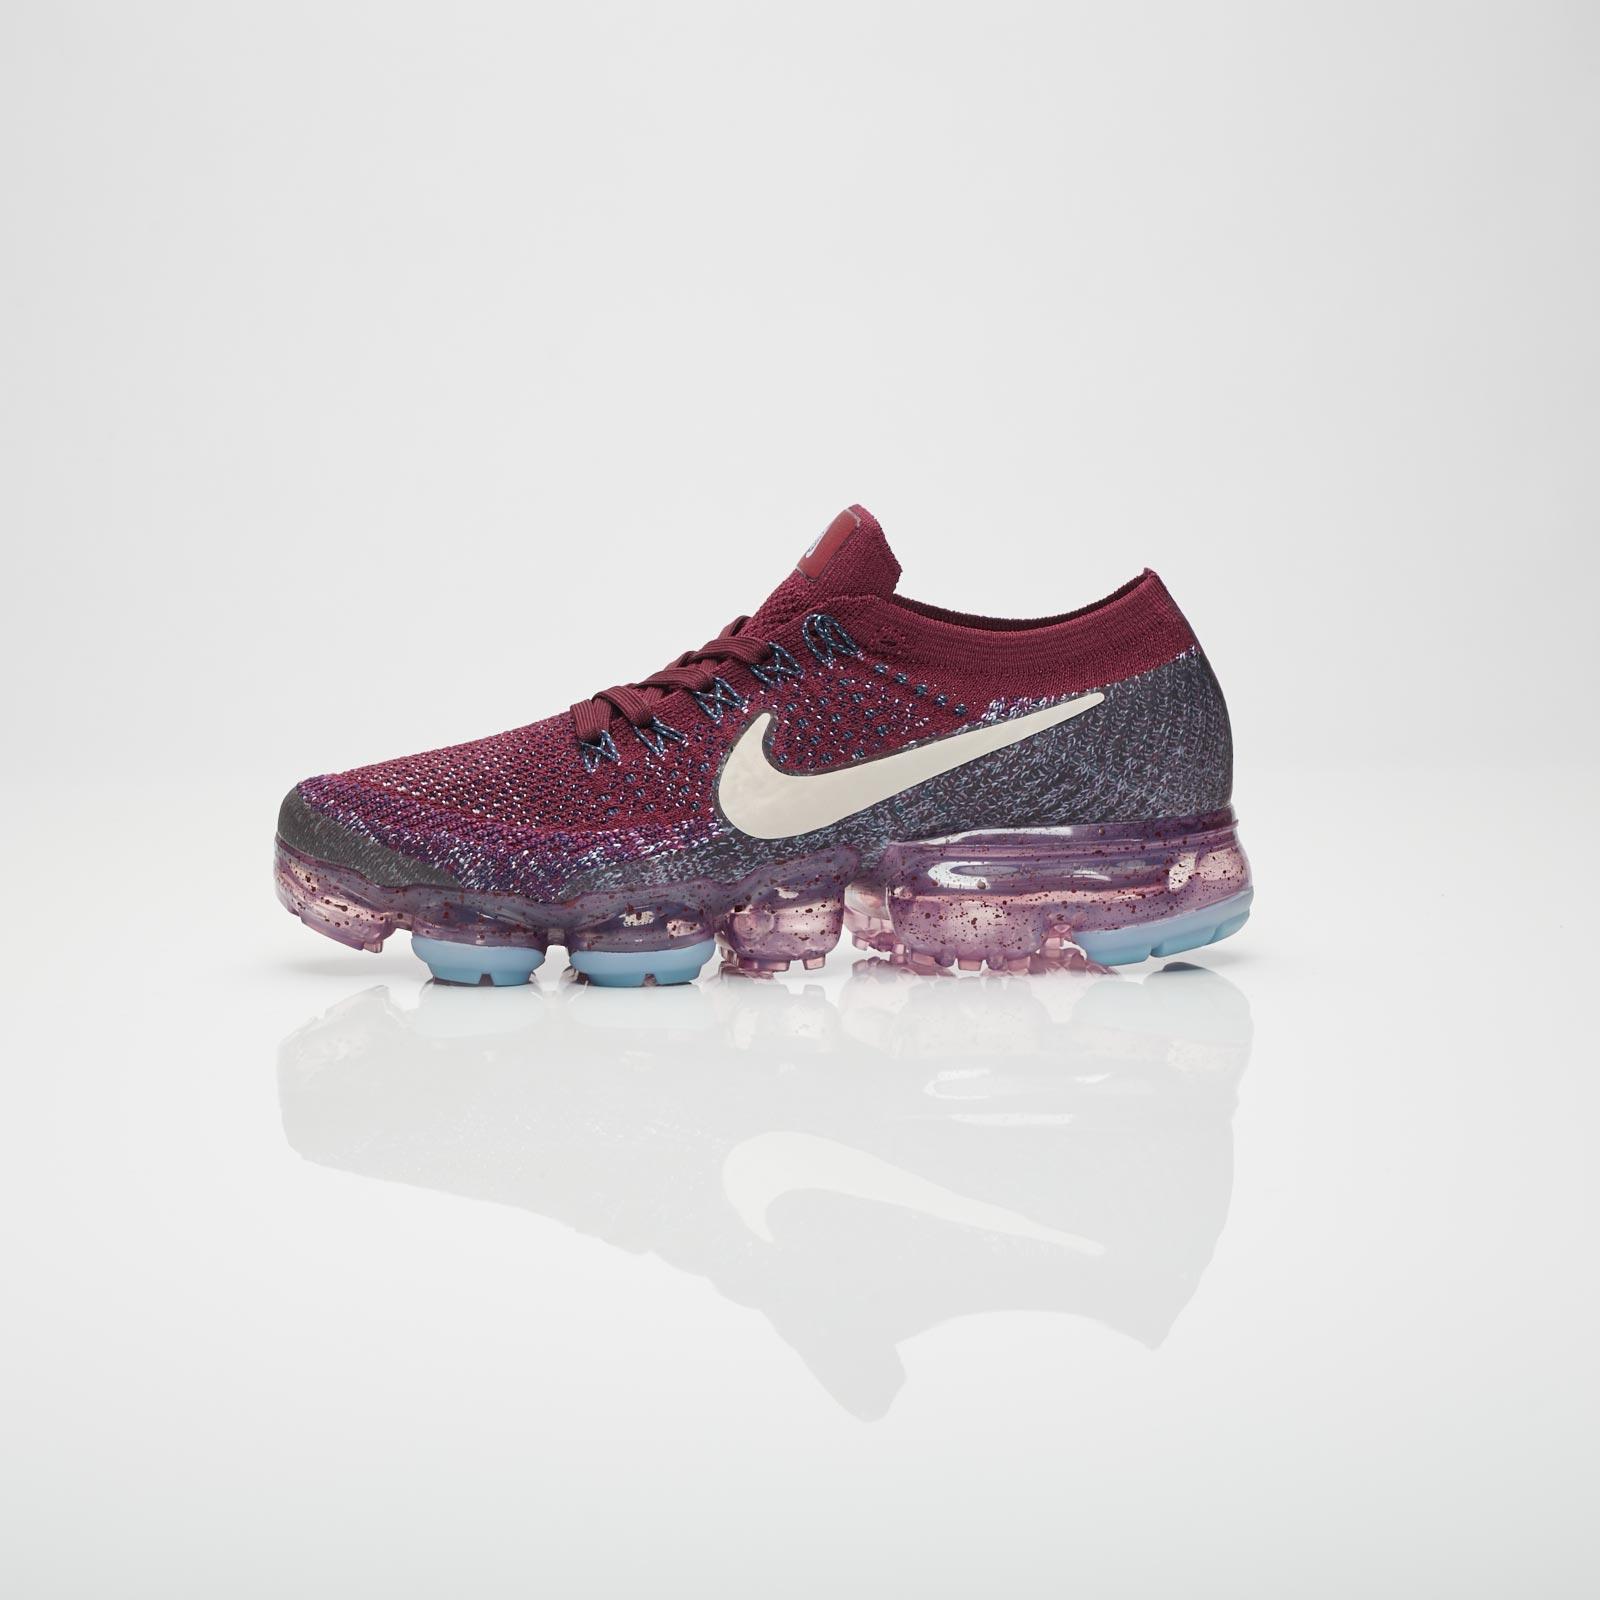 meet 4b9a8 95879 Nike Wmns Air Vapormax Flyknit - 899472-602 - Sneakersnstuff   sneakers    streetwear online since 1999